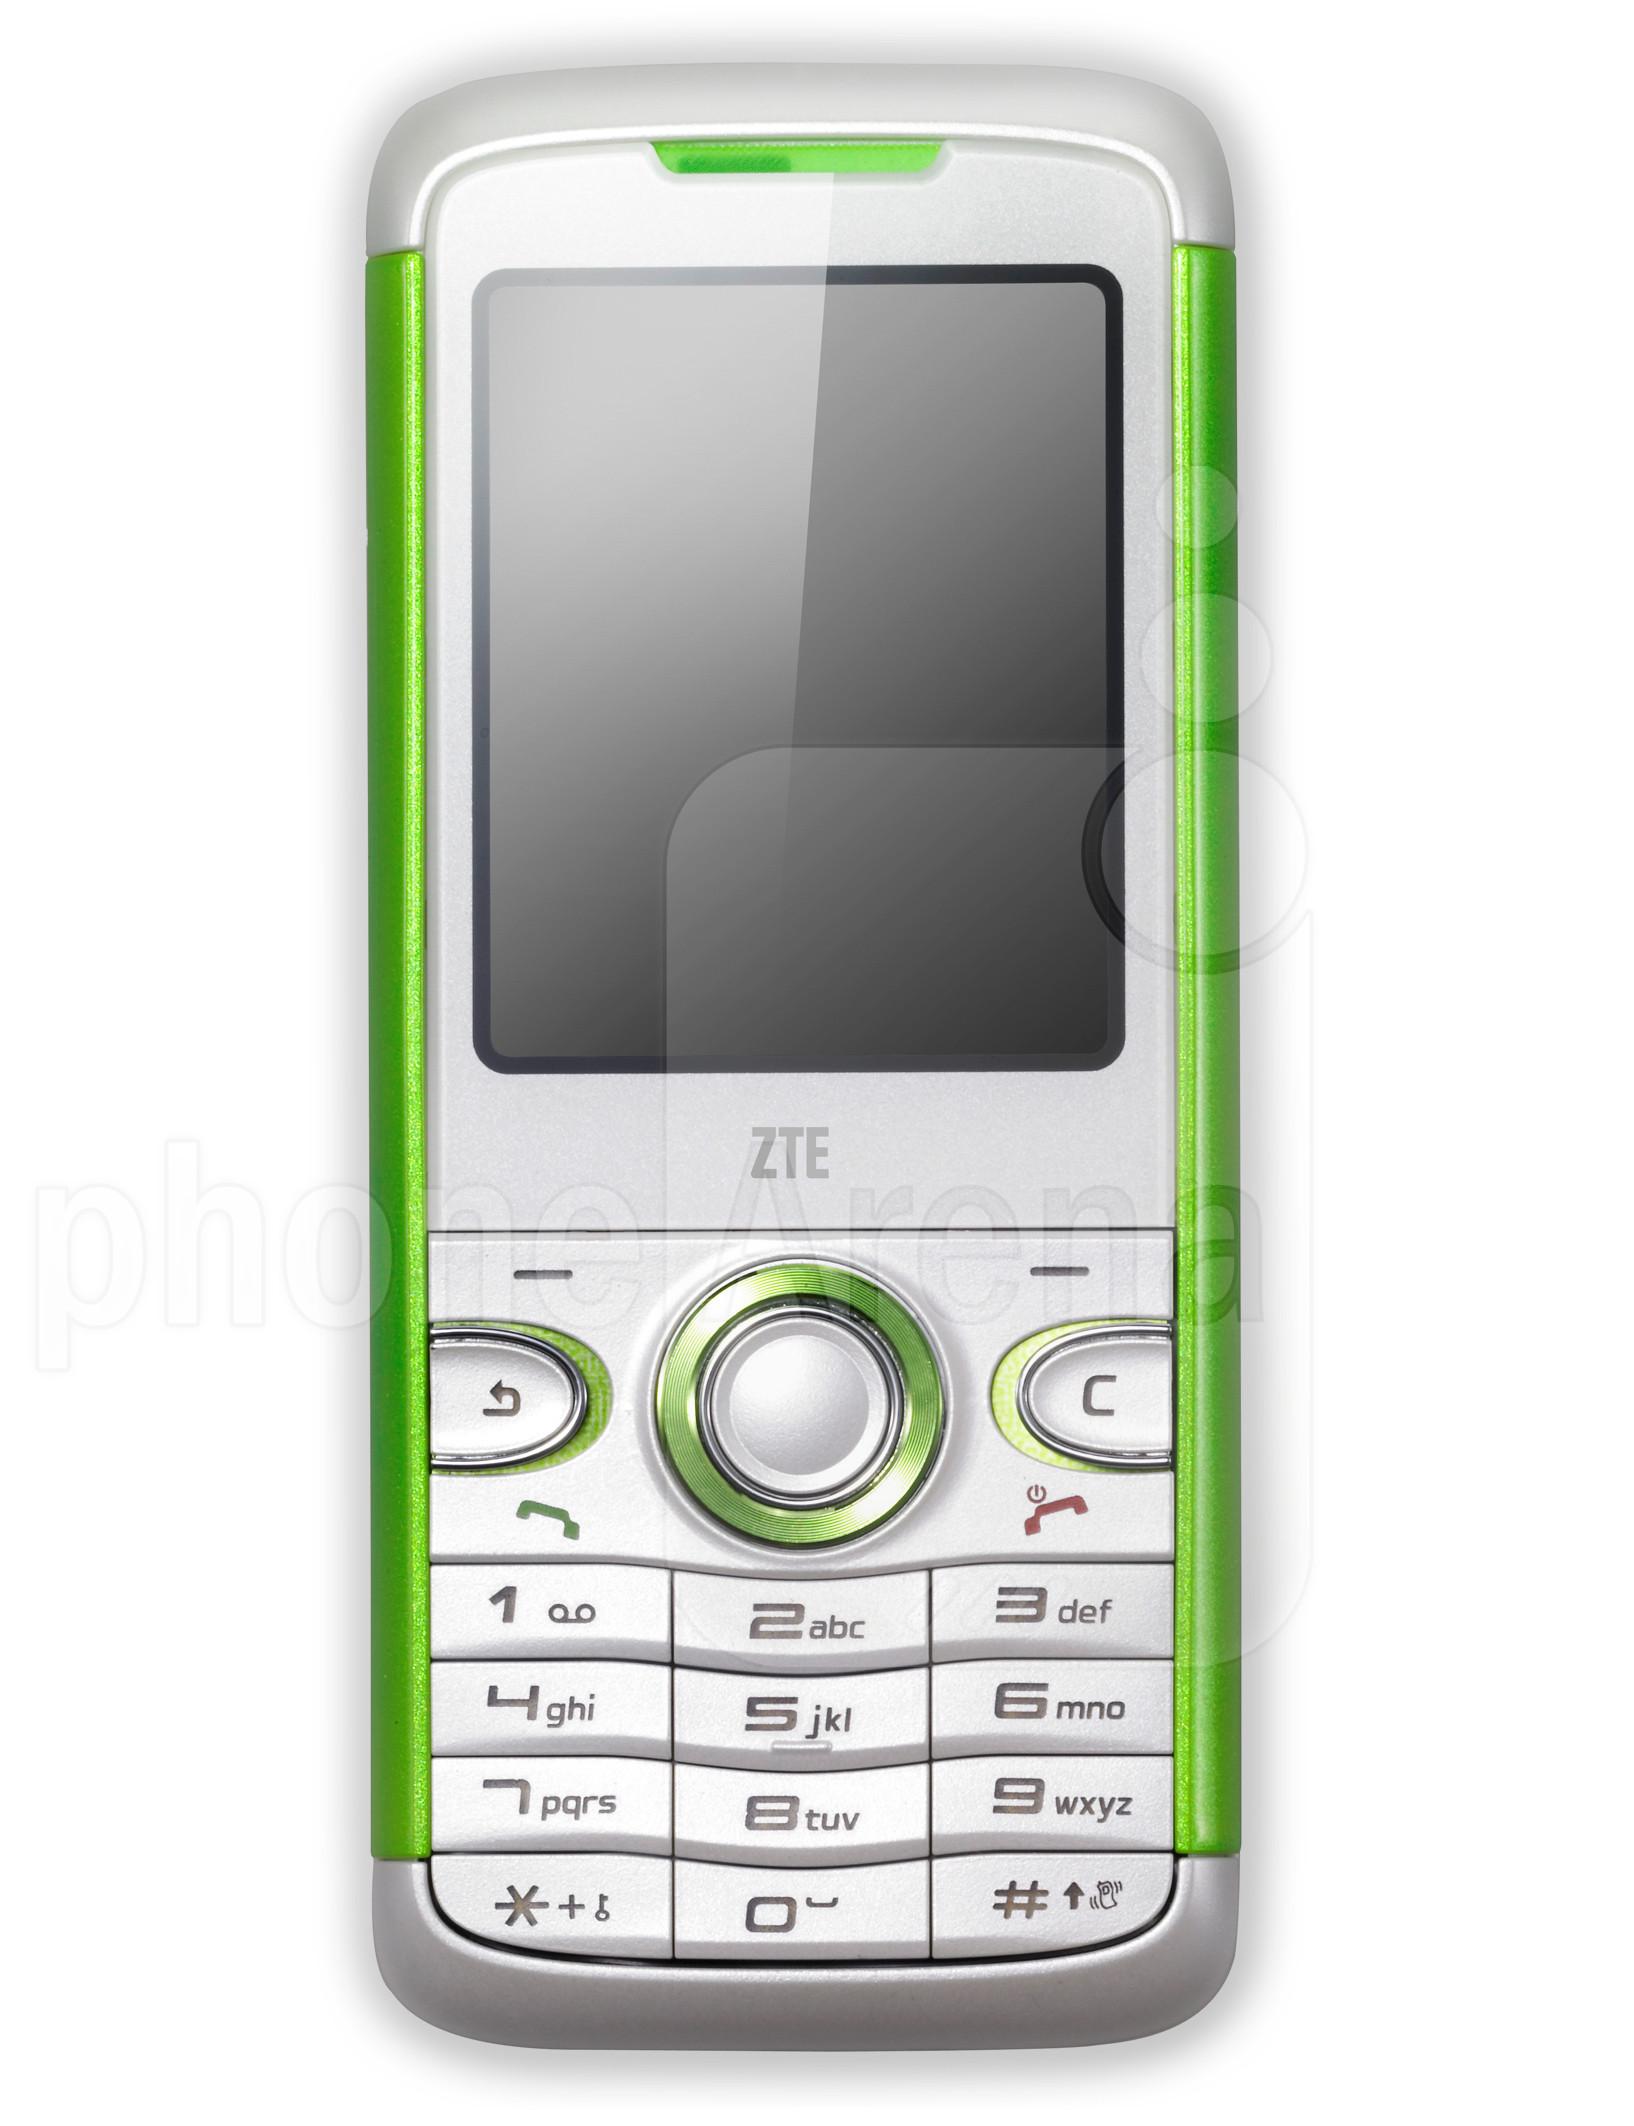 ZTE F100 specs